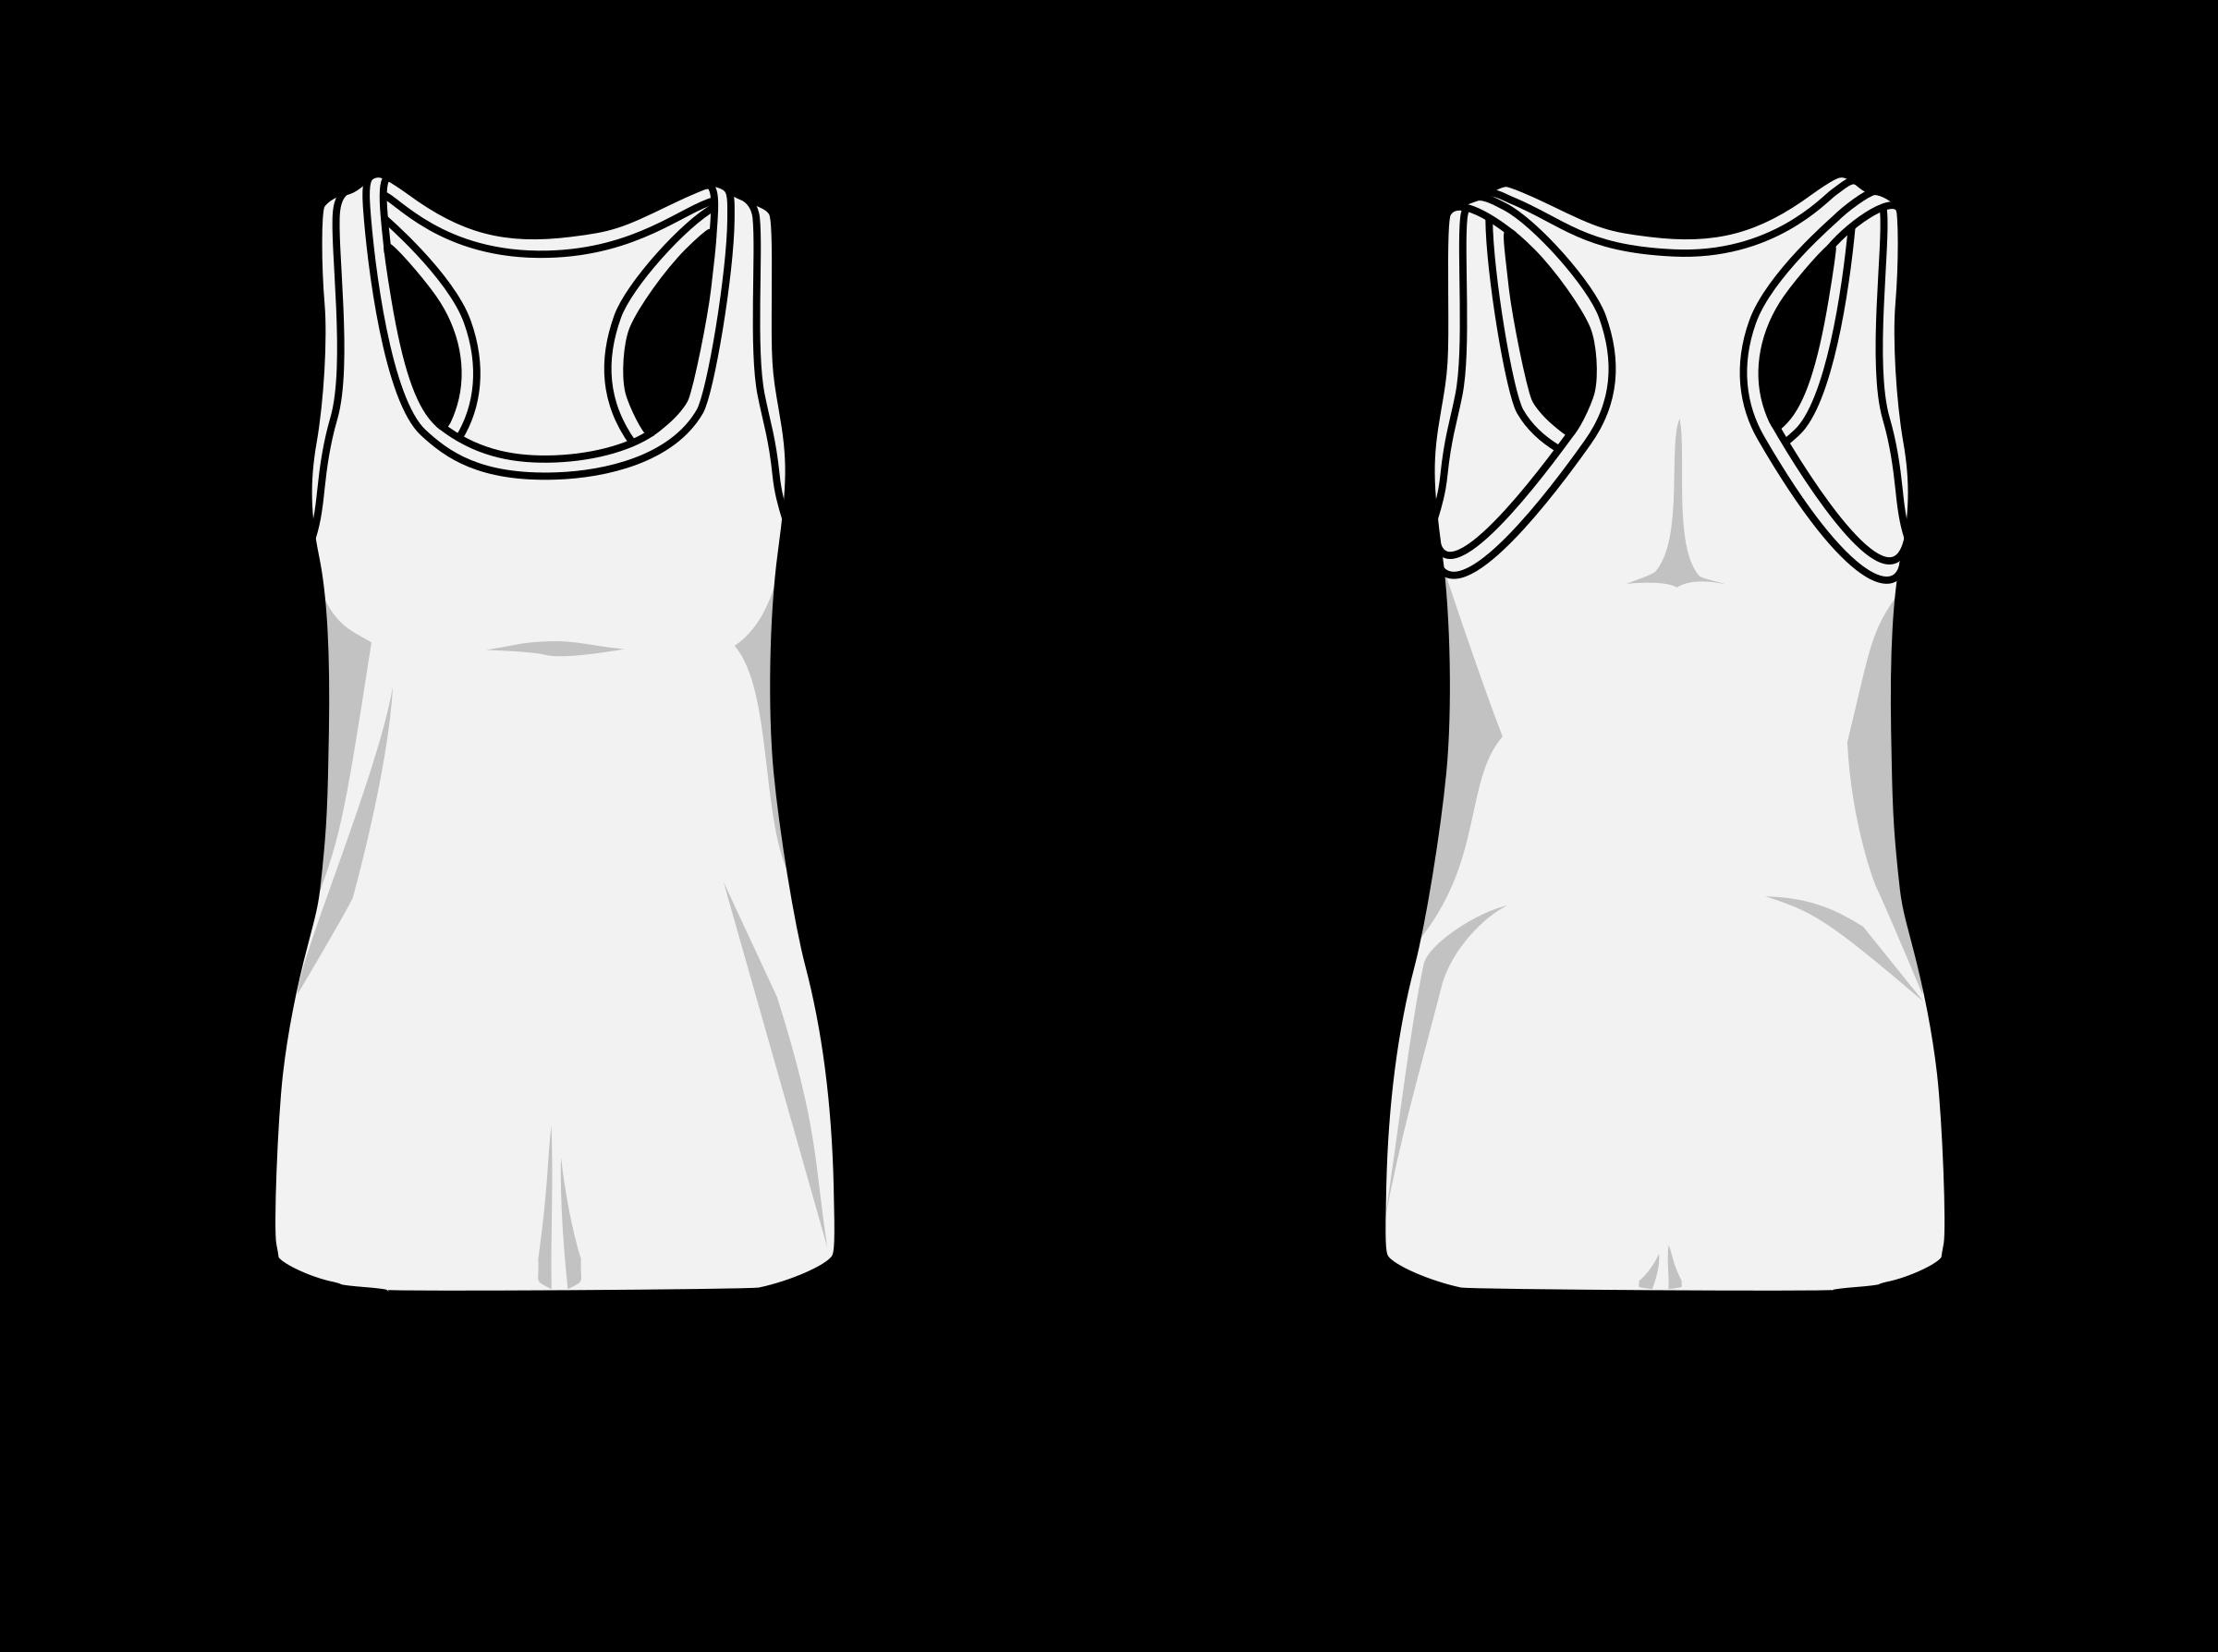 Clipart shirt woman shirt. T swimmer back template